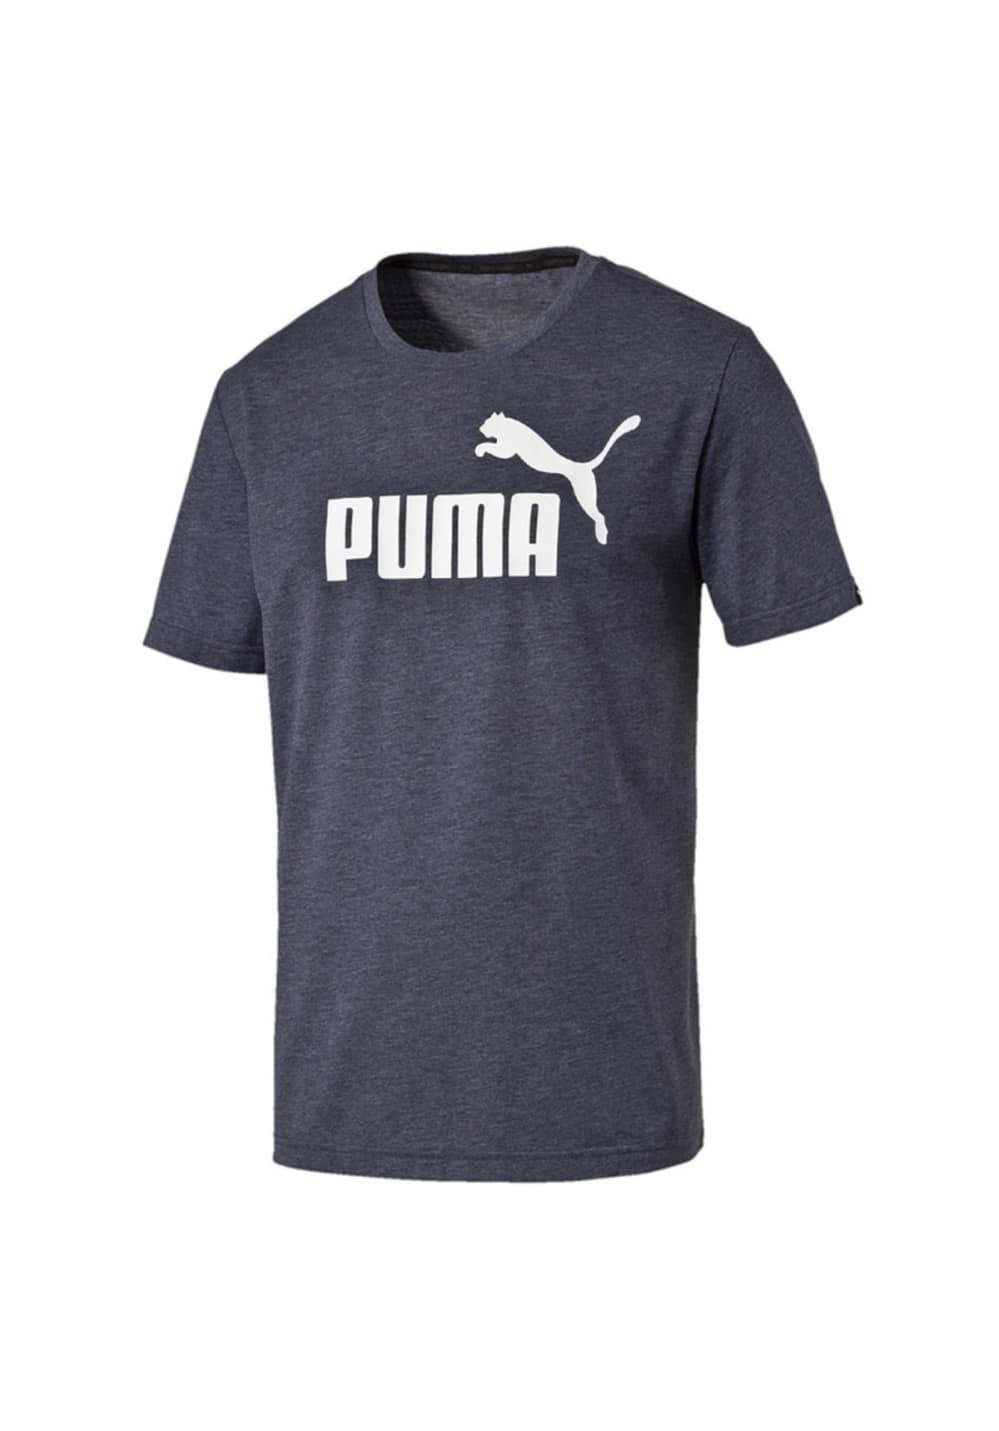 Puma Essential No.1 Heather Tee - Fitnessshirts für Herren - Schwarz, Gr. M